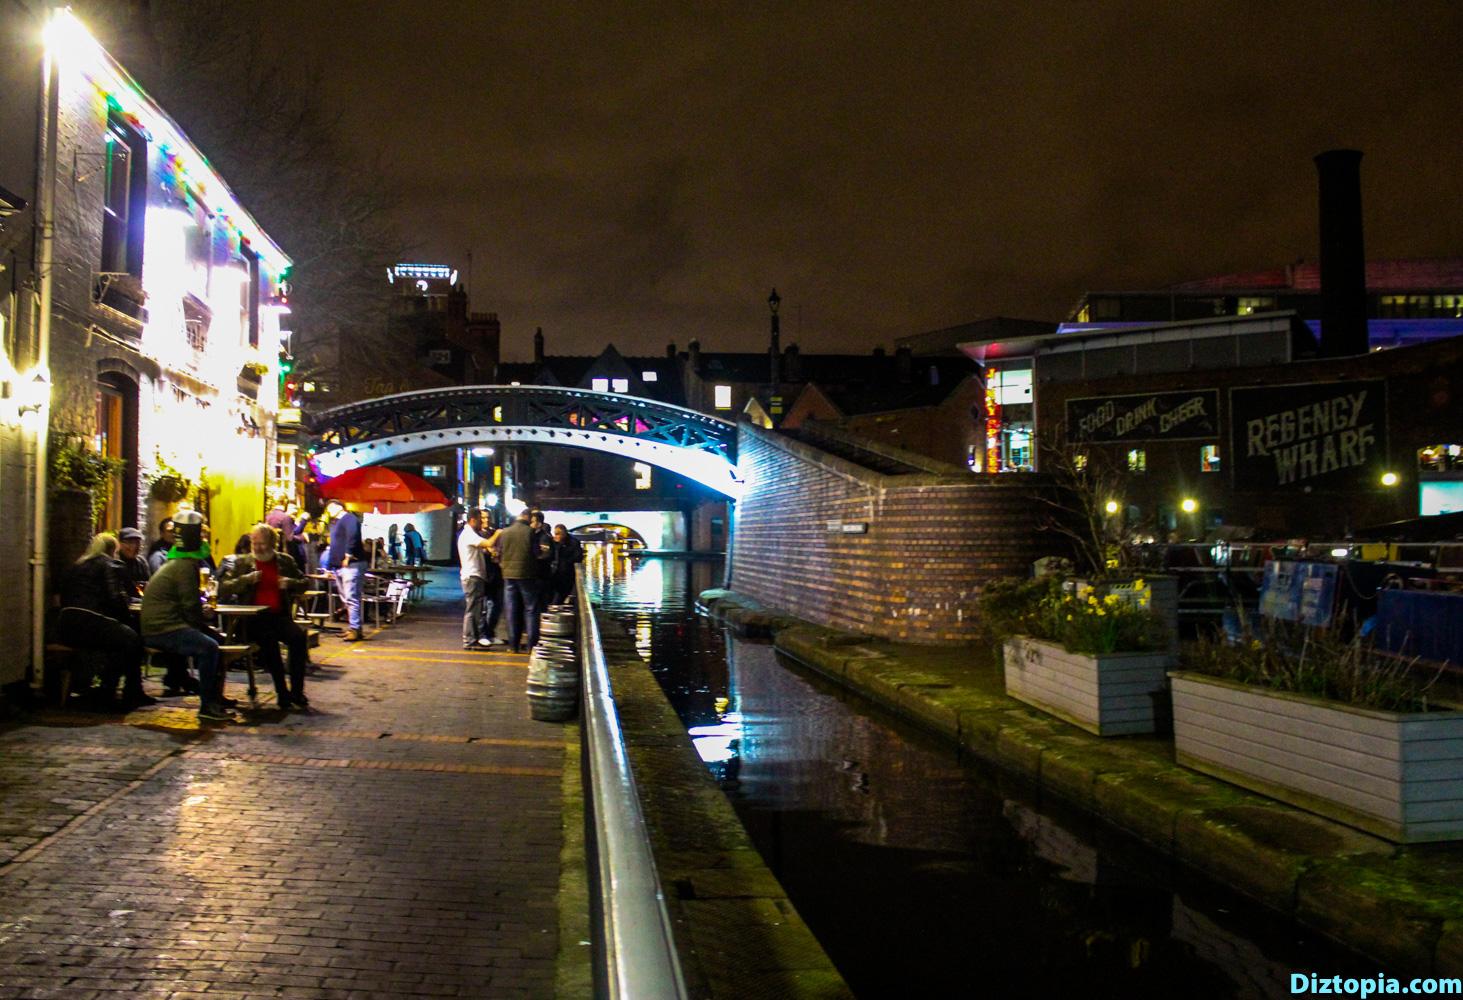 Birmingham-Canal-City-Diztopia-Photography-Night-Dizma-Dahl-China-Town-UK-Blog-28